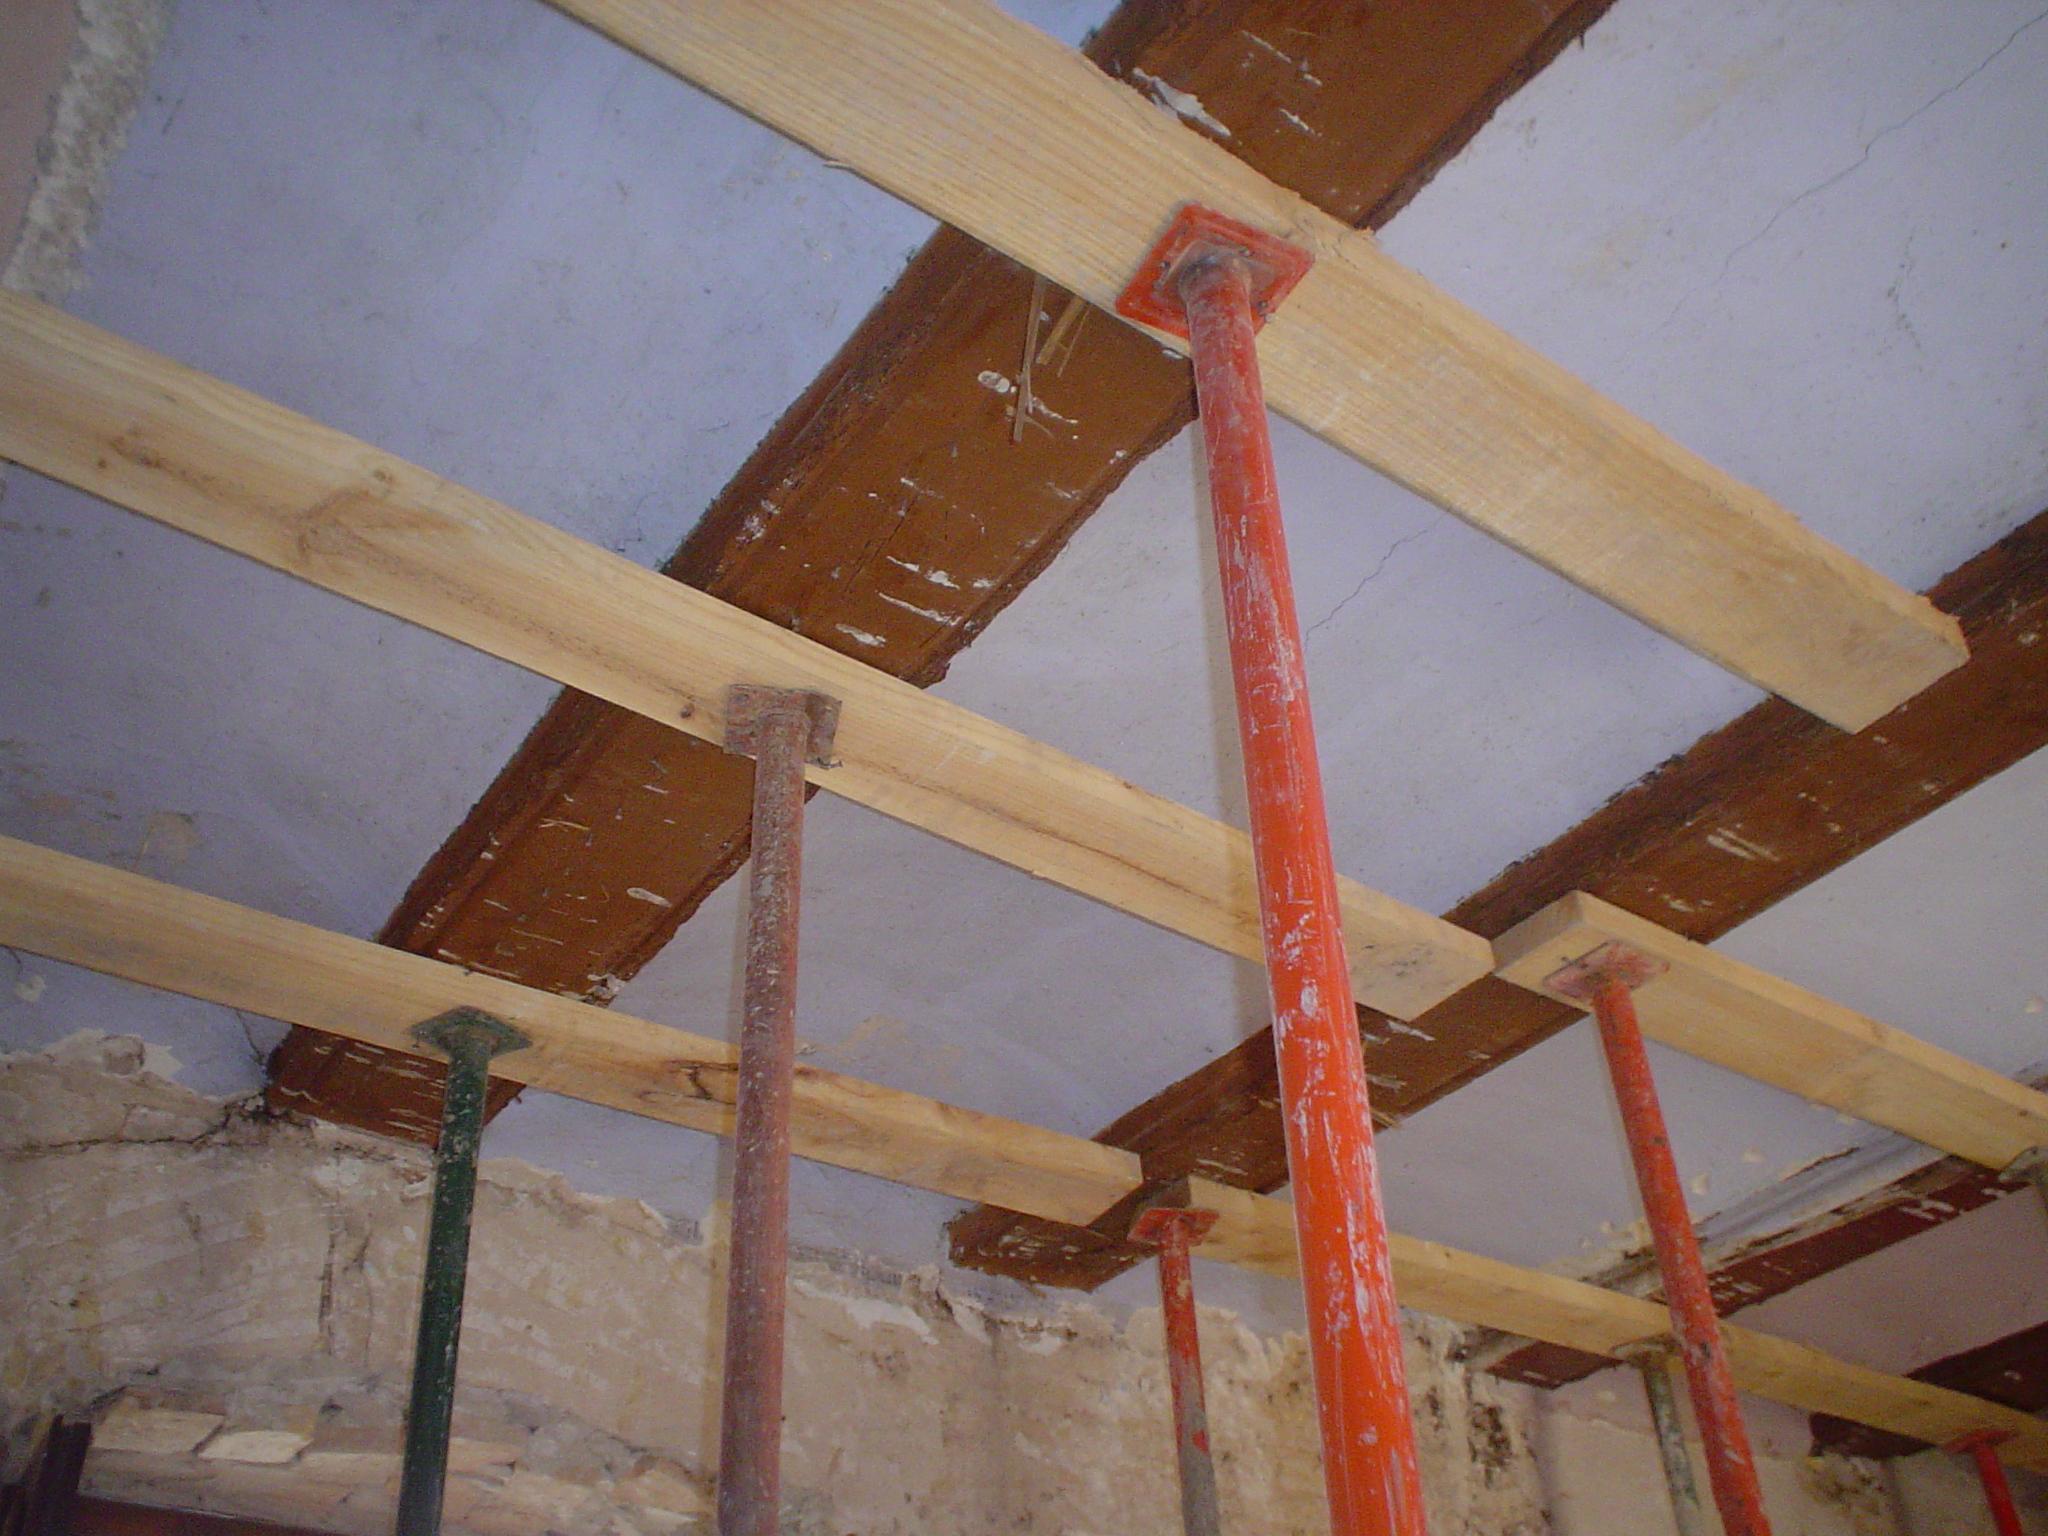 Rehabilitaci n de forjados de madera som arquitectura - Como colocar vigas de madera ...